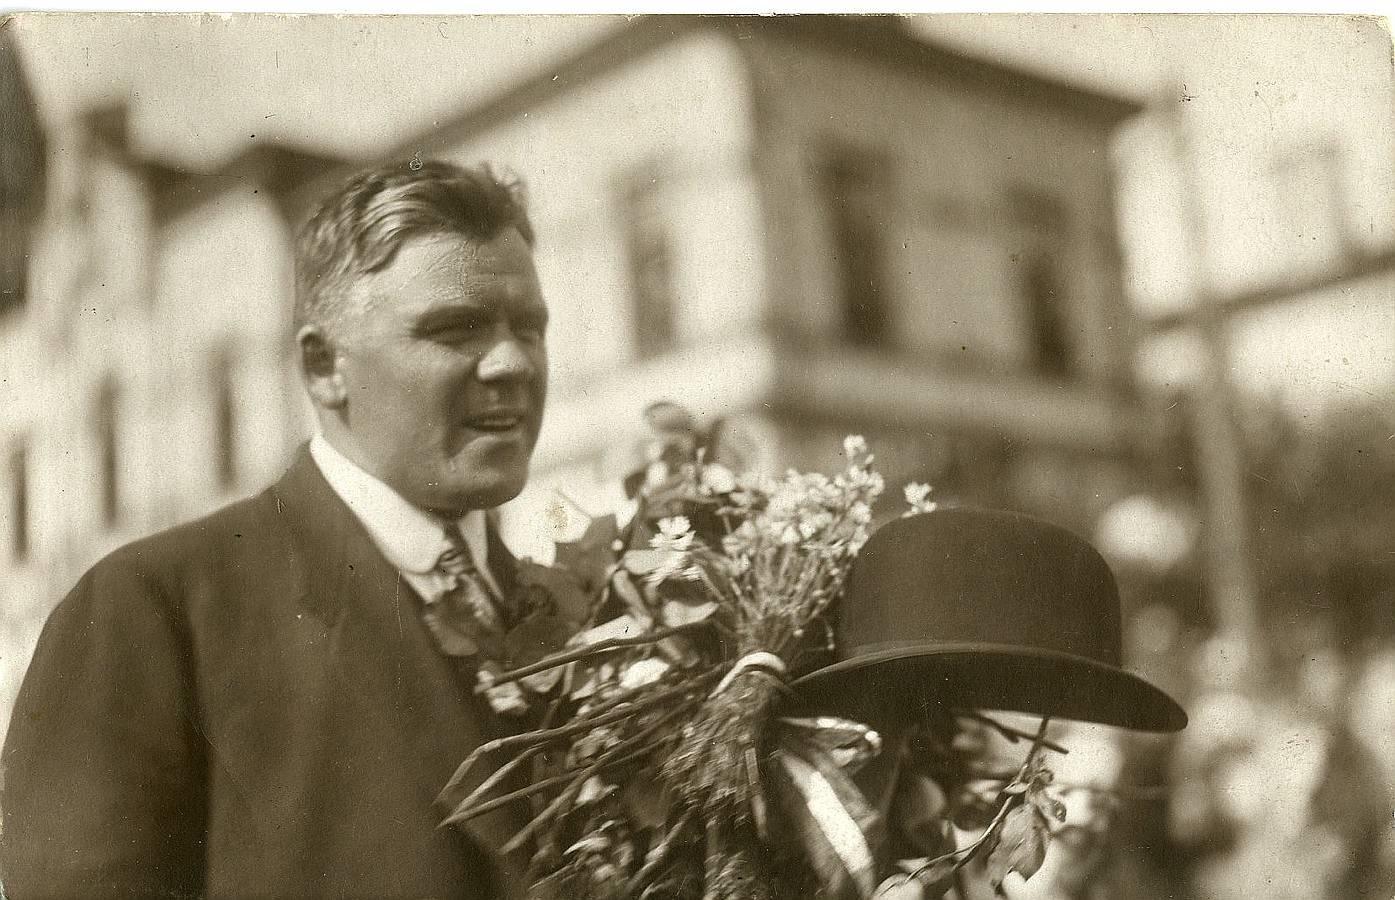 """Vērtīgi tāpat ir fotogrāfa Mārtiņa Lapiņa (1873 – 1954) uzņēmumi, fiksējot Latvijas Pagaidu valdības svinīgo sagaidīšanu Rīgā, tai atgriežoties no Liepājas ar kuģi """"Saratov"""" 1919. gada 8. jūlijā. Pagaidu valdības vadītājs Kārlis Ulmanis 1919. gada 8. jūlijā Rīgā."""